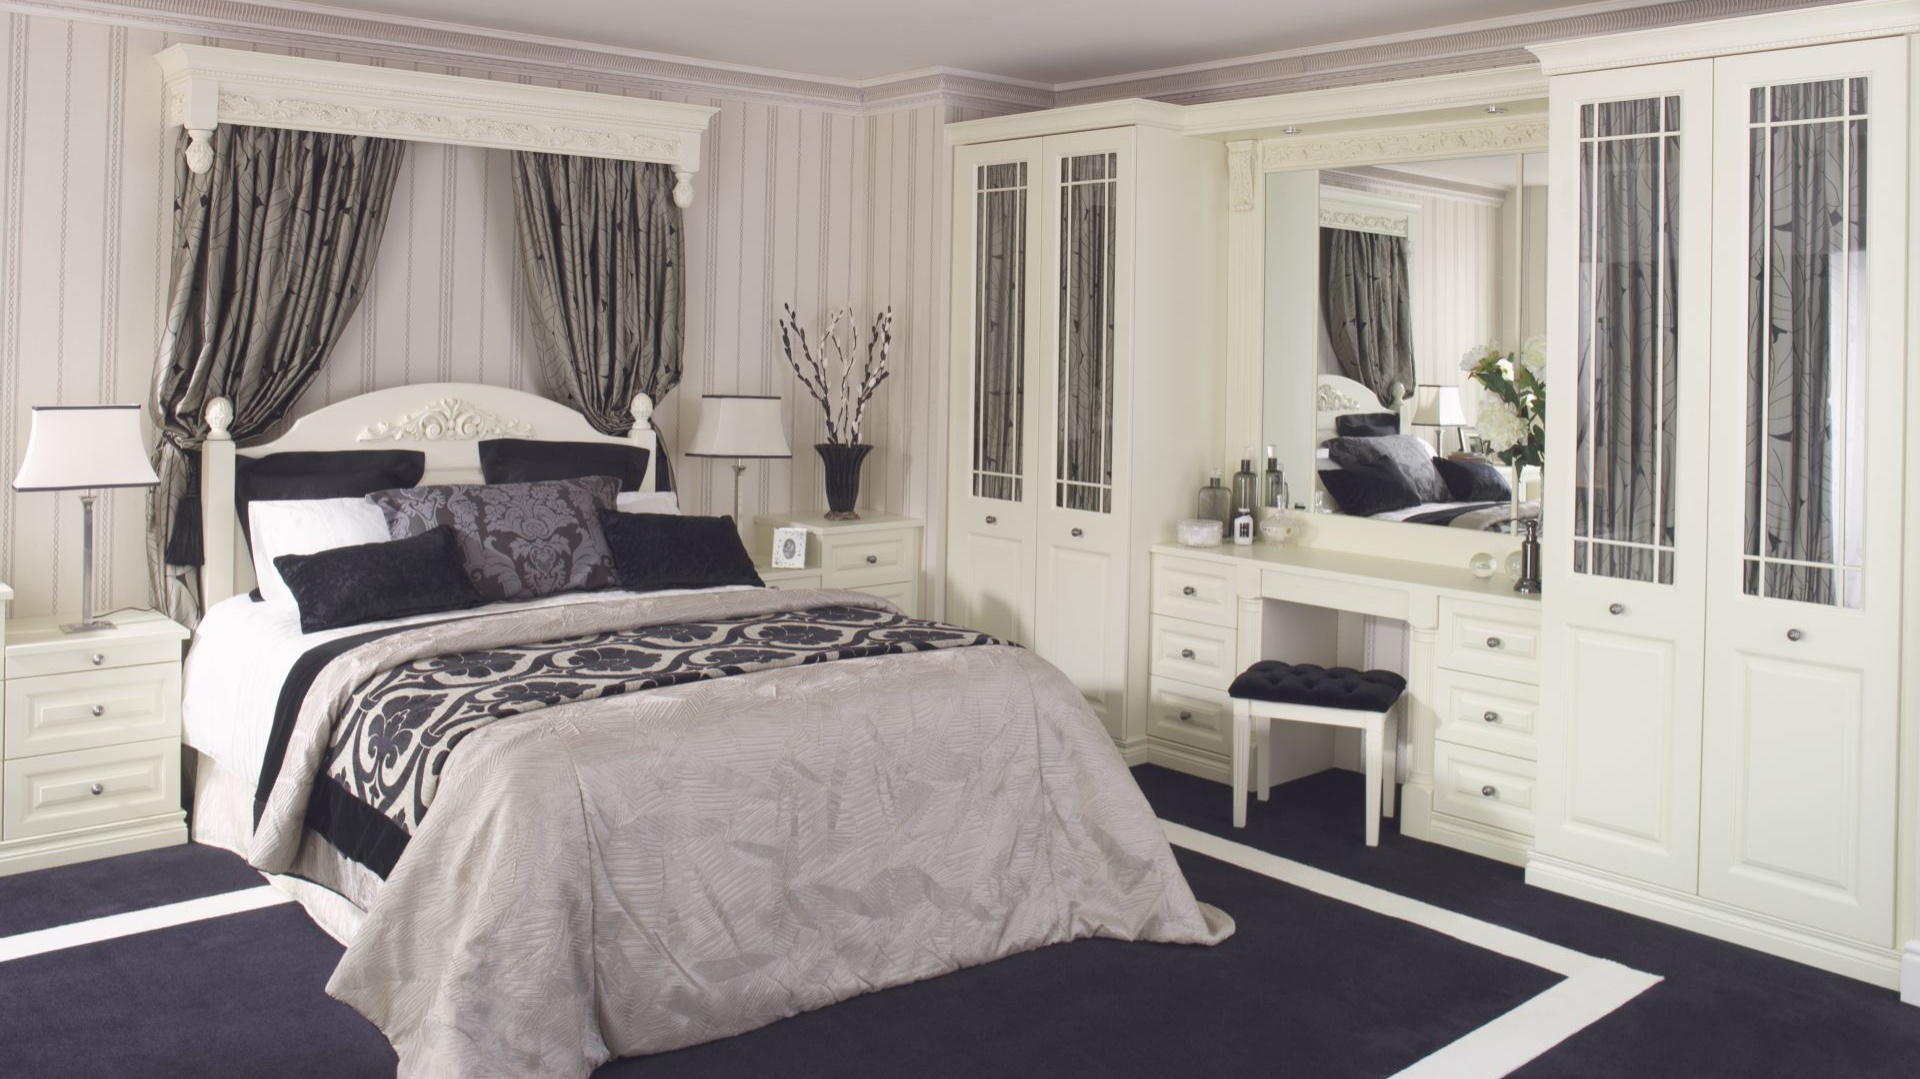 Sypialnia Z Toaletką Inspiracje Zdjęcia